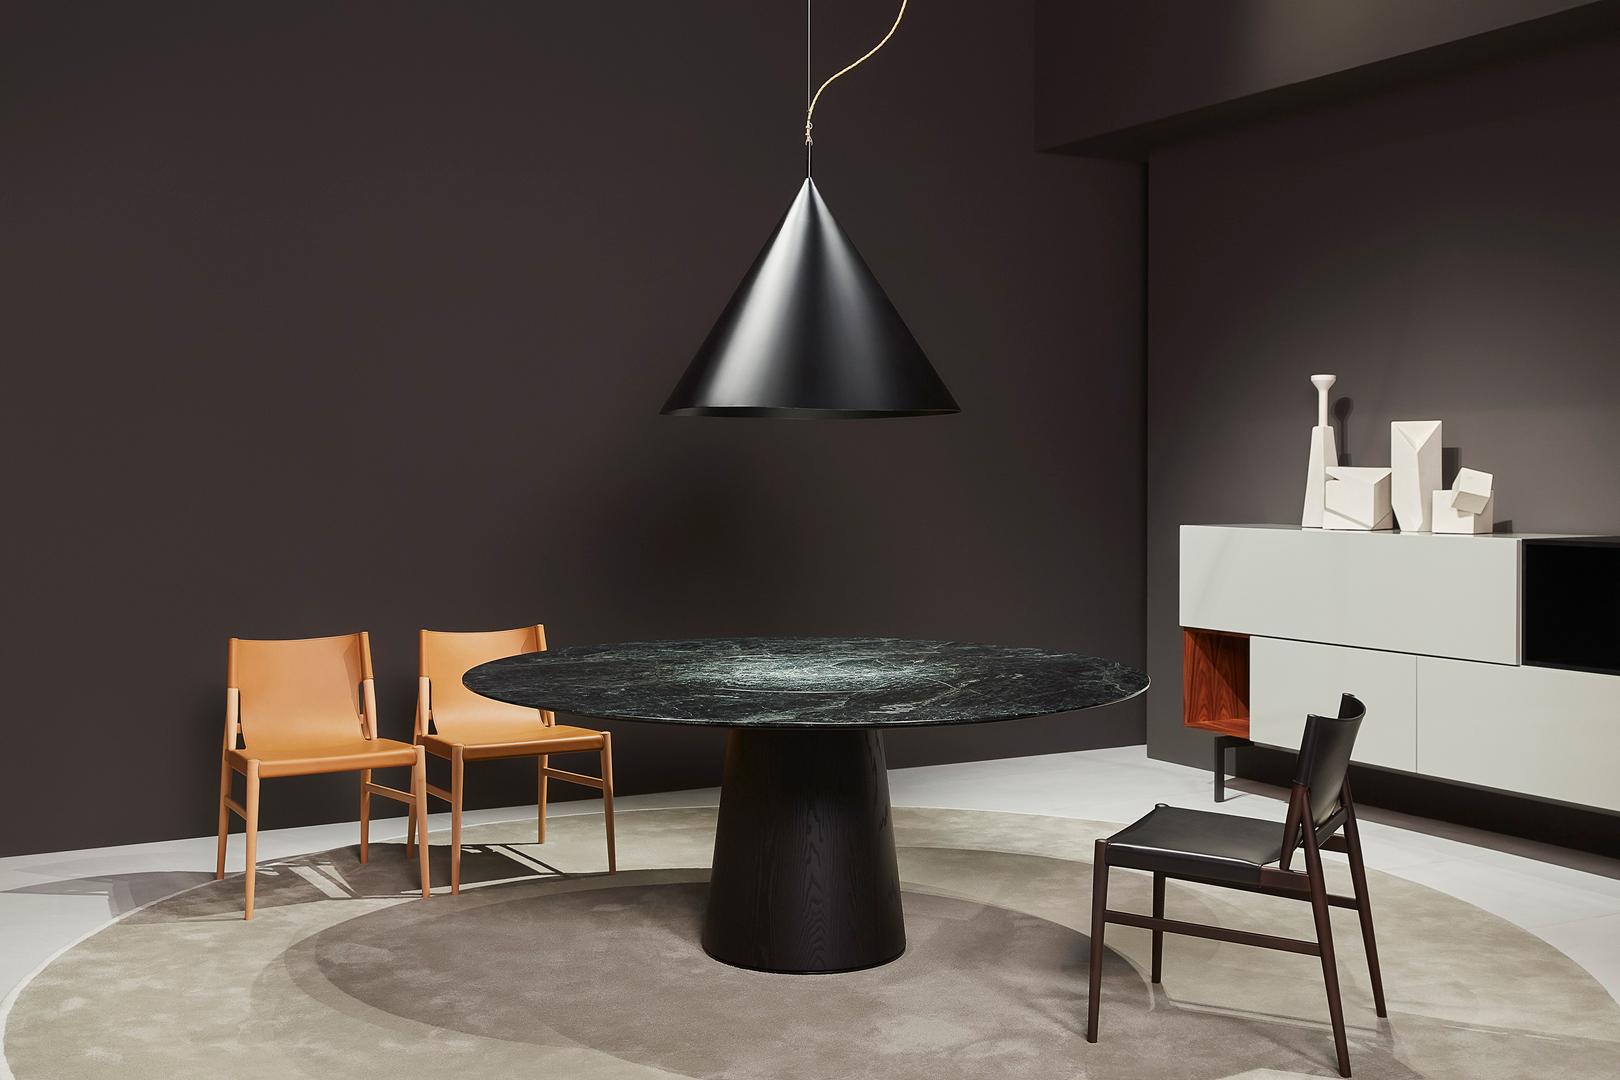 Elisa Ossino Studio — Porro — Salone del Mobile 2017